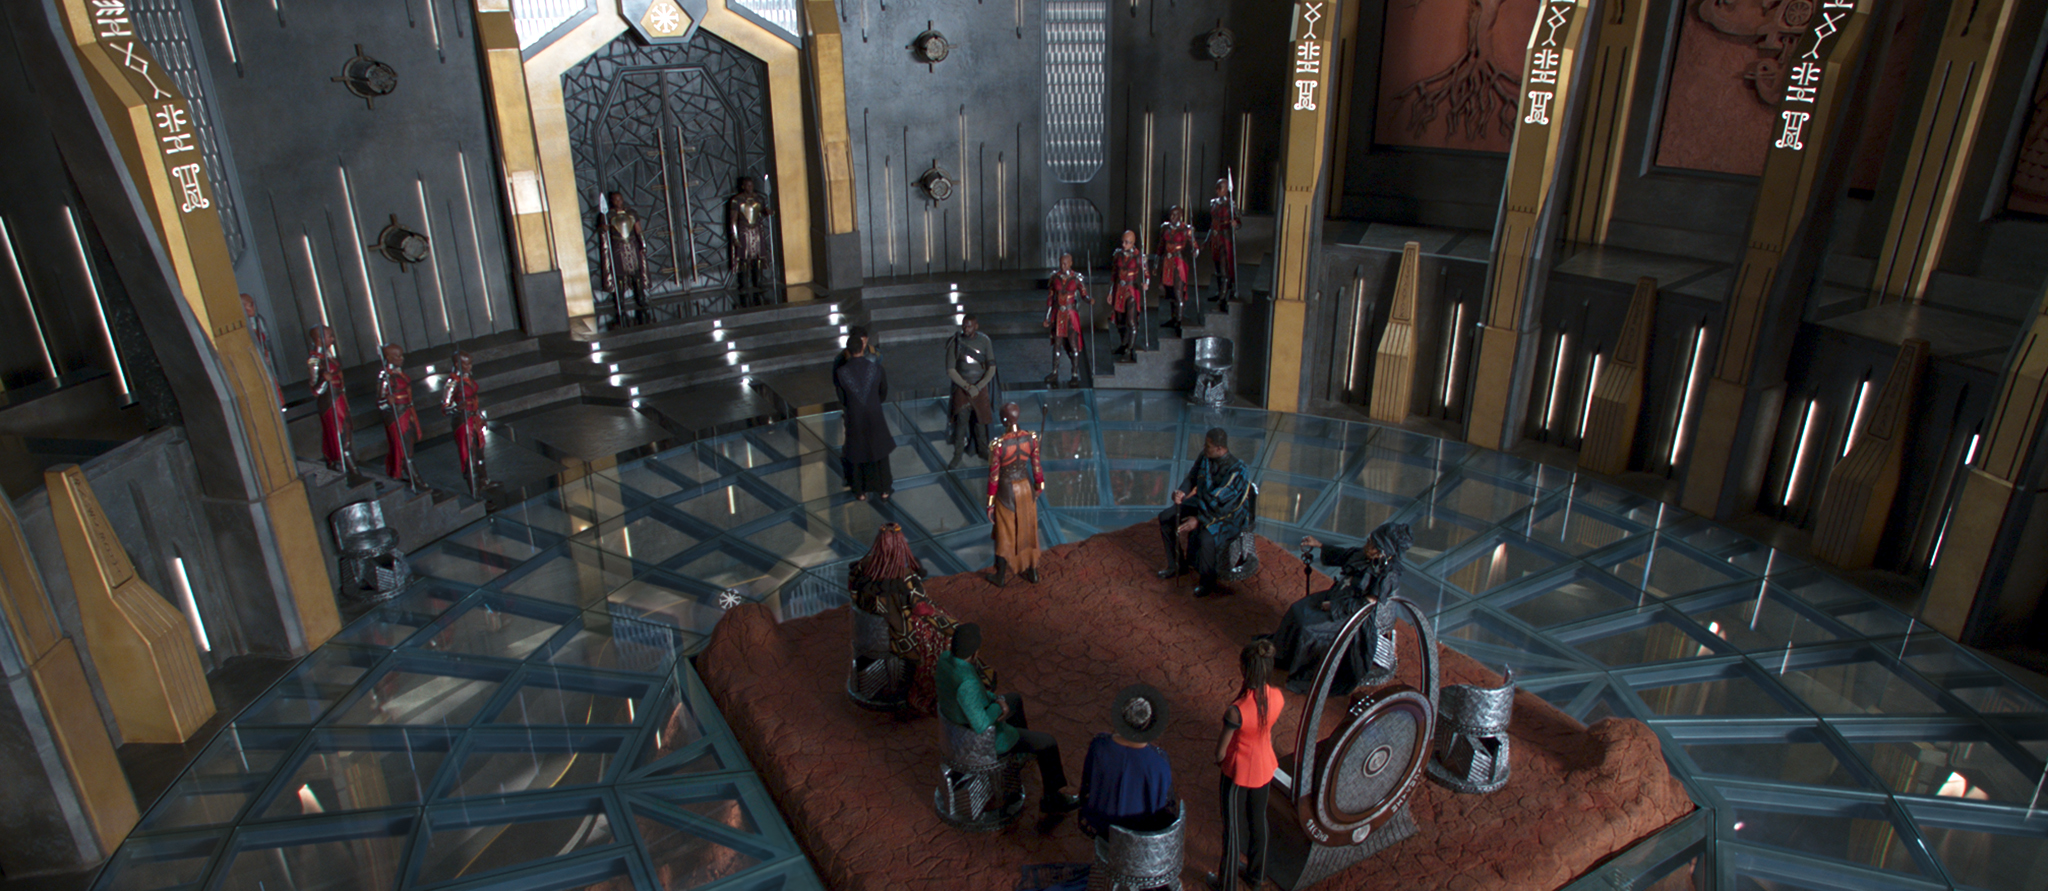 A imagem mostra a sala do trono de Wakanda, vista de cima e por trás. O trono está no canto inferior direito da imagem e os cinco representantes das tribos leais à coroa estão sentados ao seu redor, formando um semi círculo. À esquerda do trono, Shuri, a irmã de T'Challa, vivida por Letitia Wright. A frente do trono, A guarda Okoye, vivida por Danai Gurira. À frente de Okoye estão o rei T'Challa, vivido por Chadwick Boseman e Erik, vivido por Michael B. Jordan